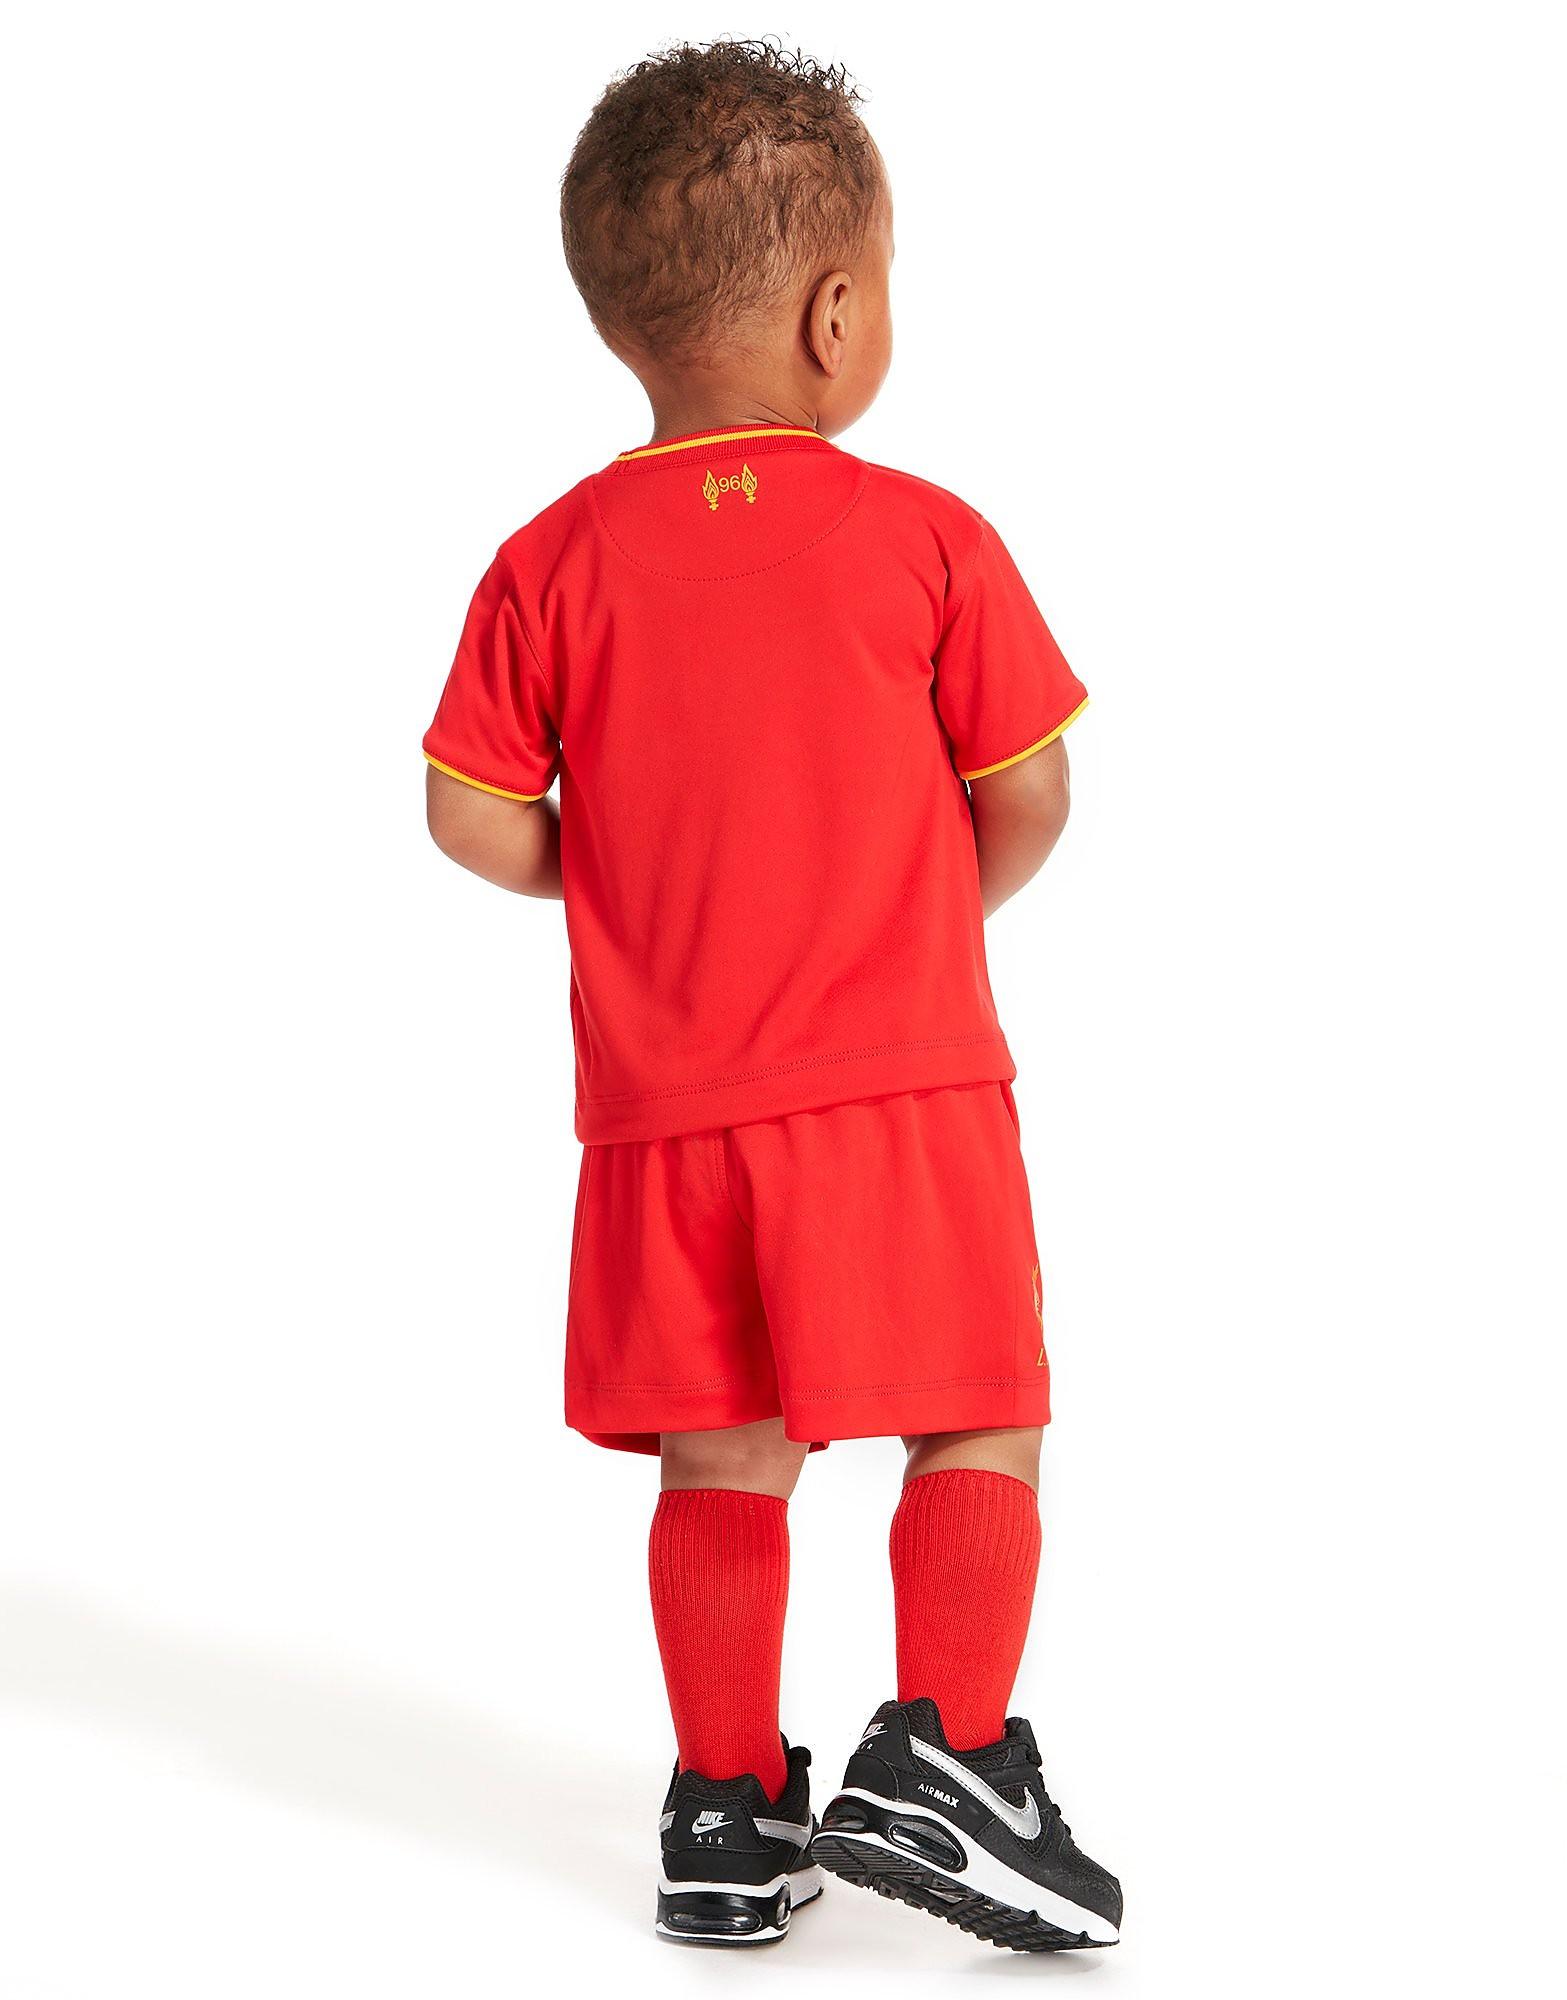 New Balance Liverpool FC 2016/17 hemmadräkt för baby